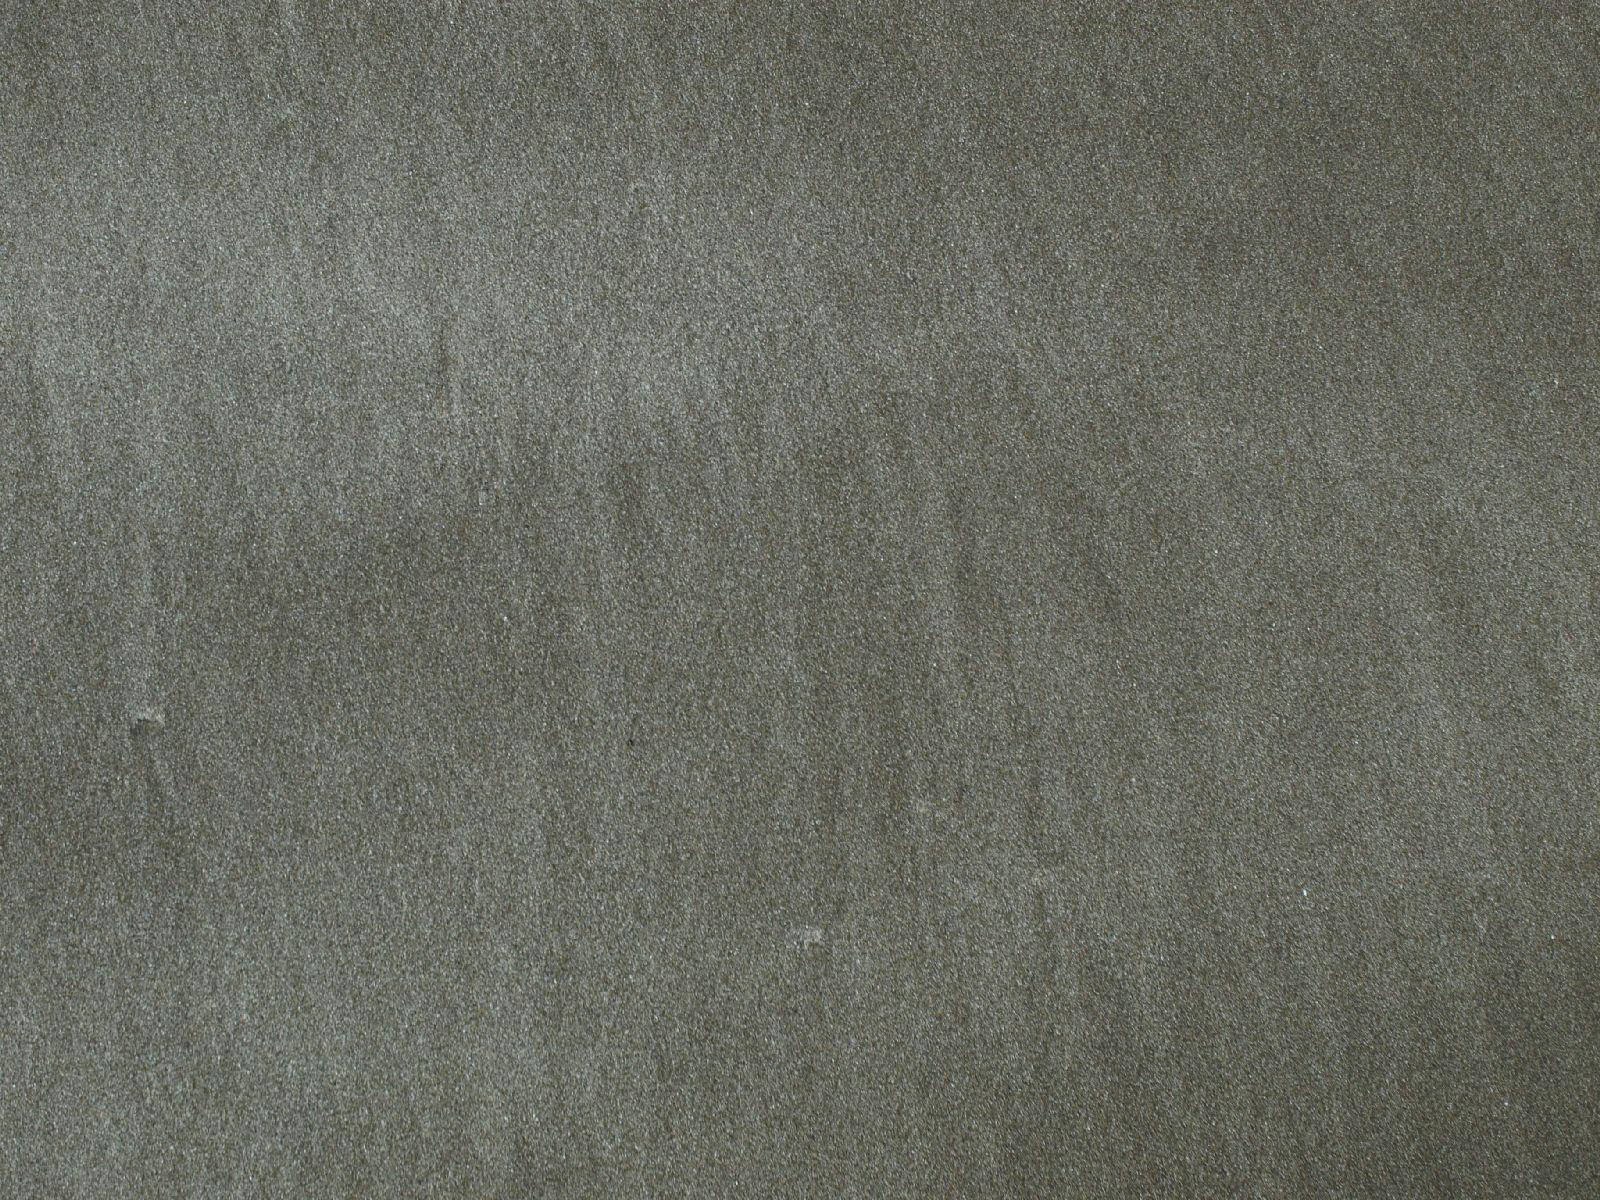 Boden-Erde-Steine_Textur_A_P5254972